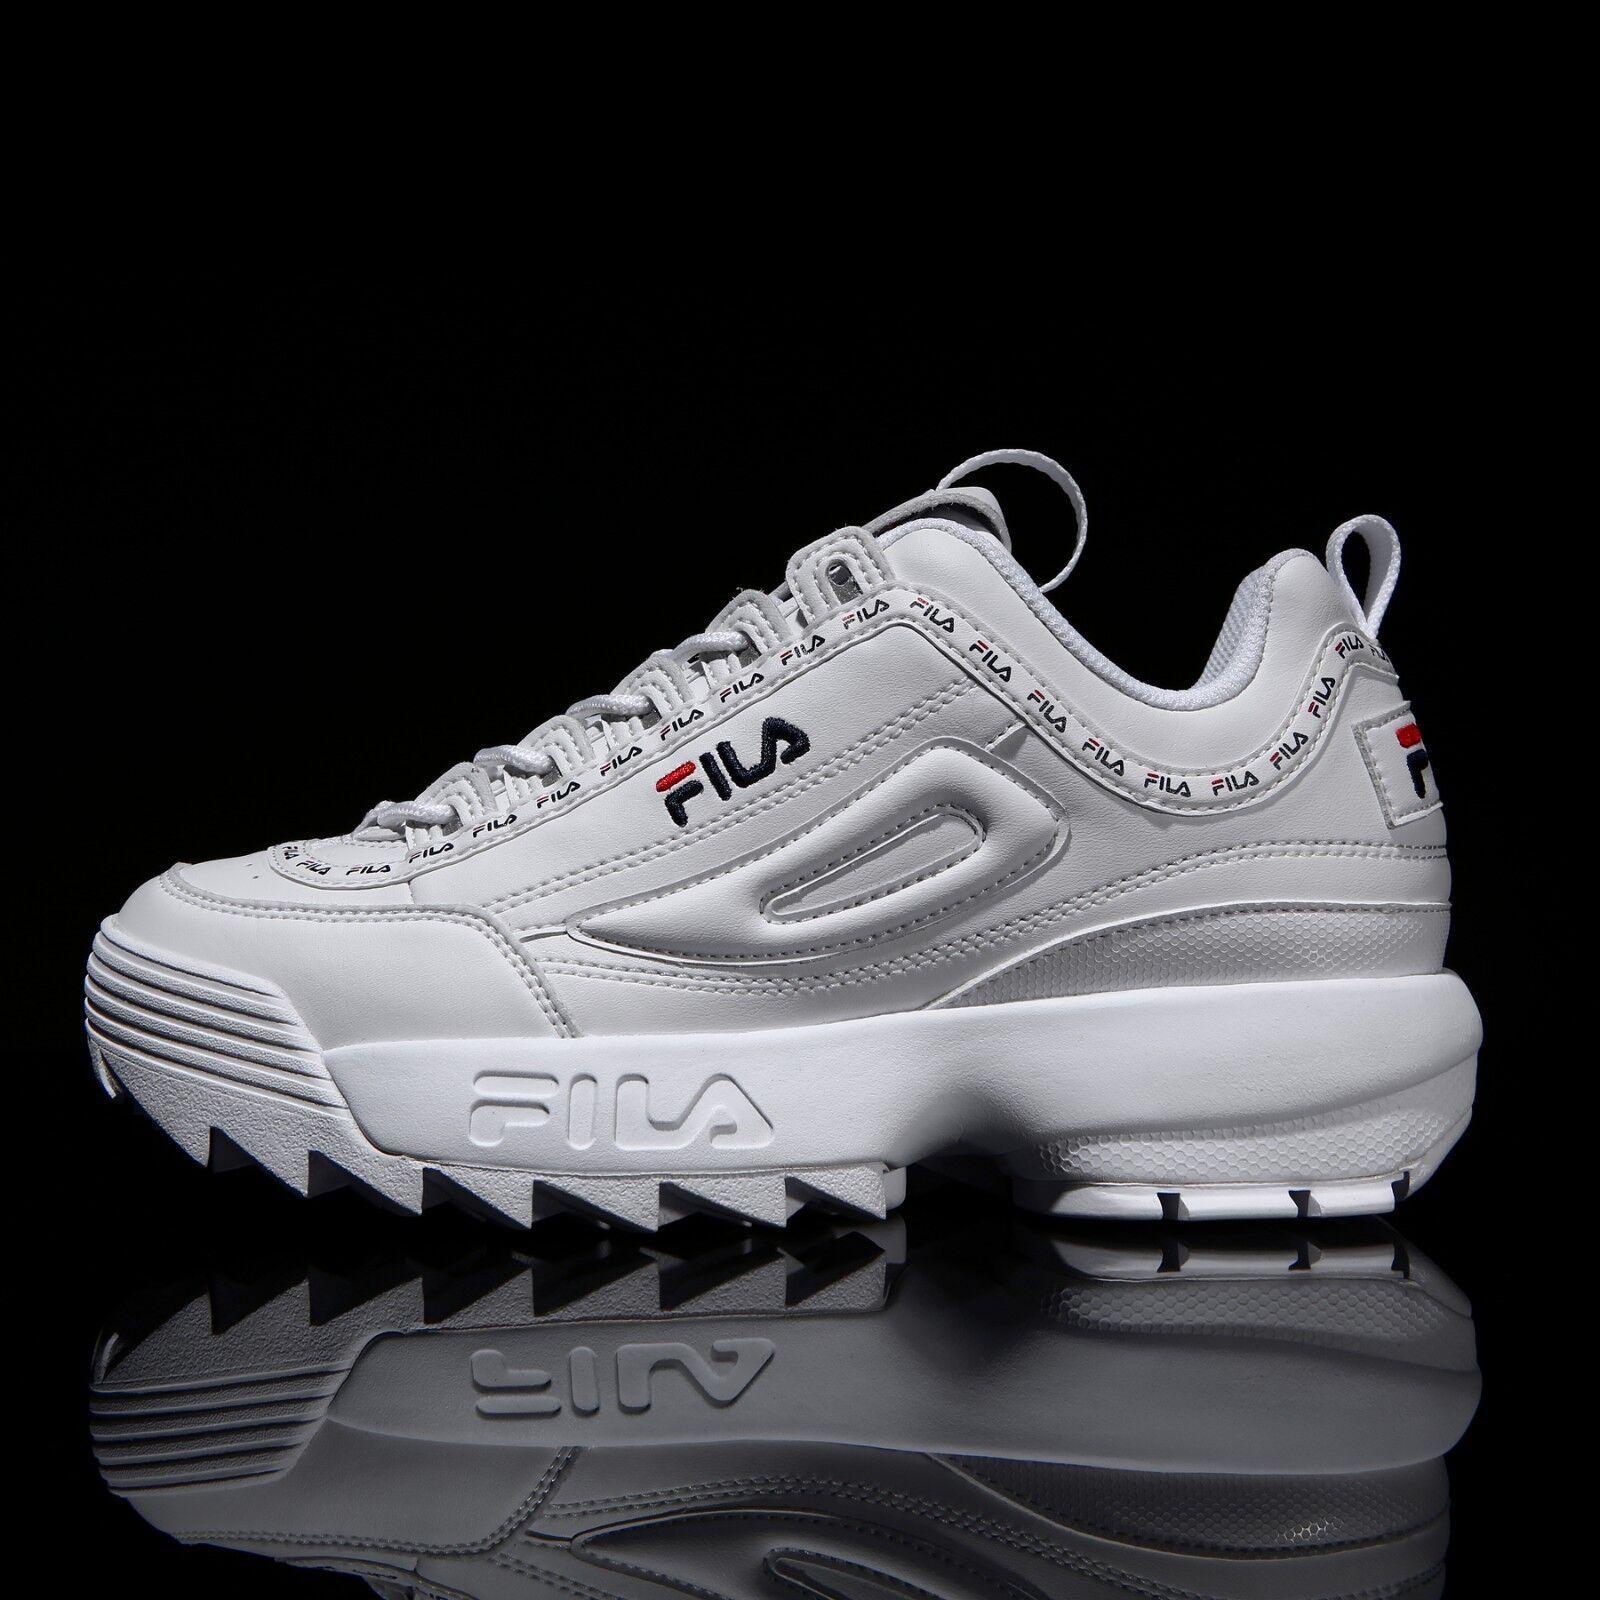 FILA Disruptor II 2 White Tapey UK Tape Shoes Unisex Size UK Tapey 3-9 FS1HTA3091X_WWT d71de6